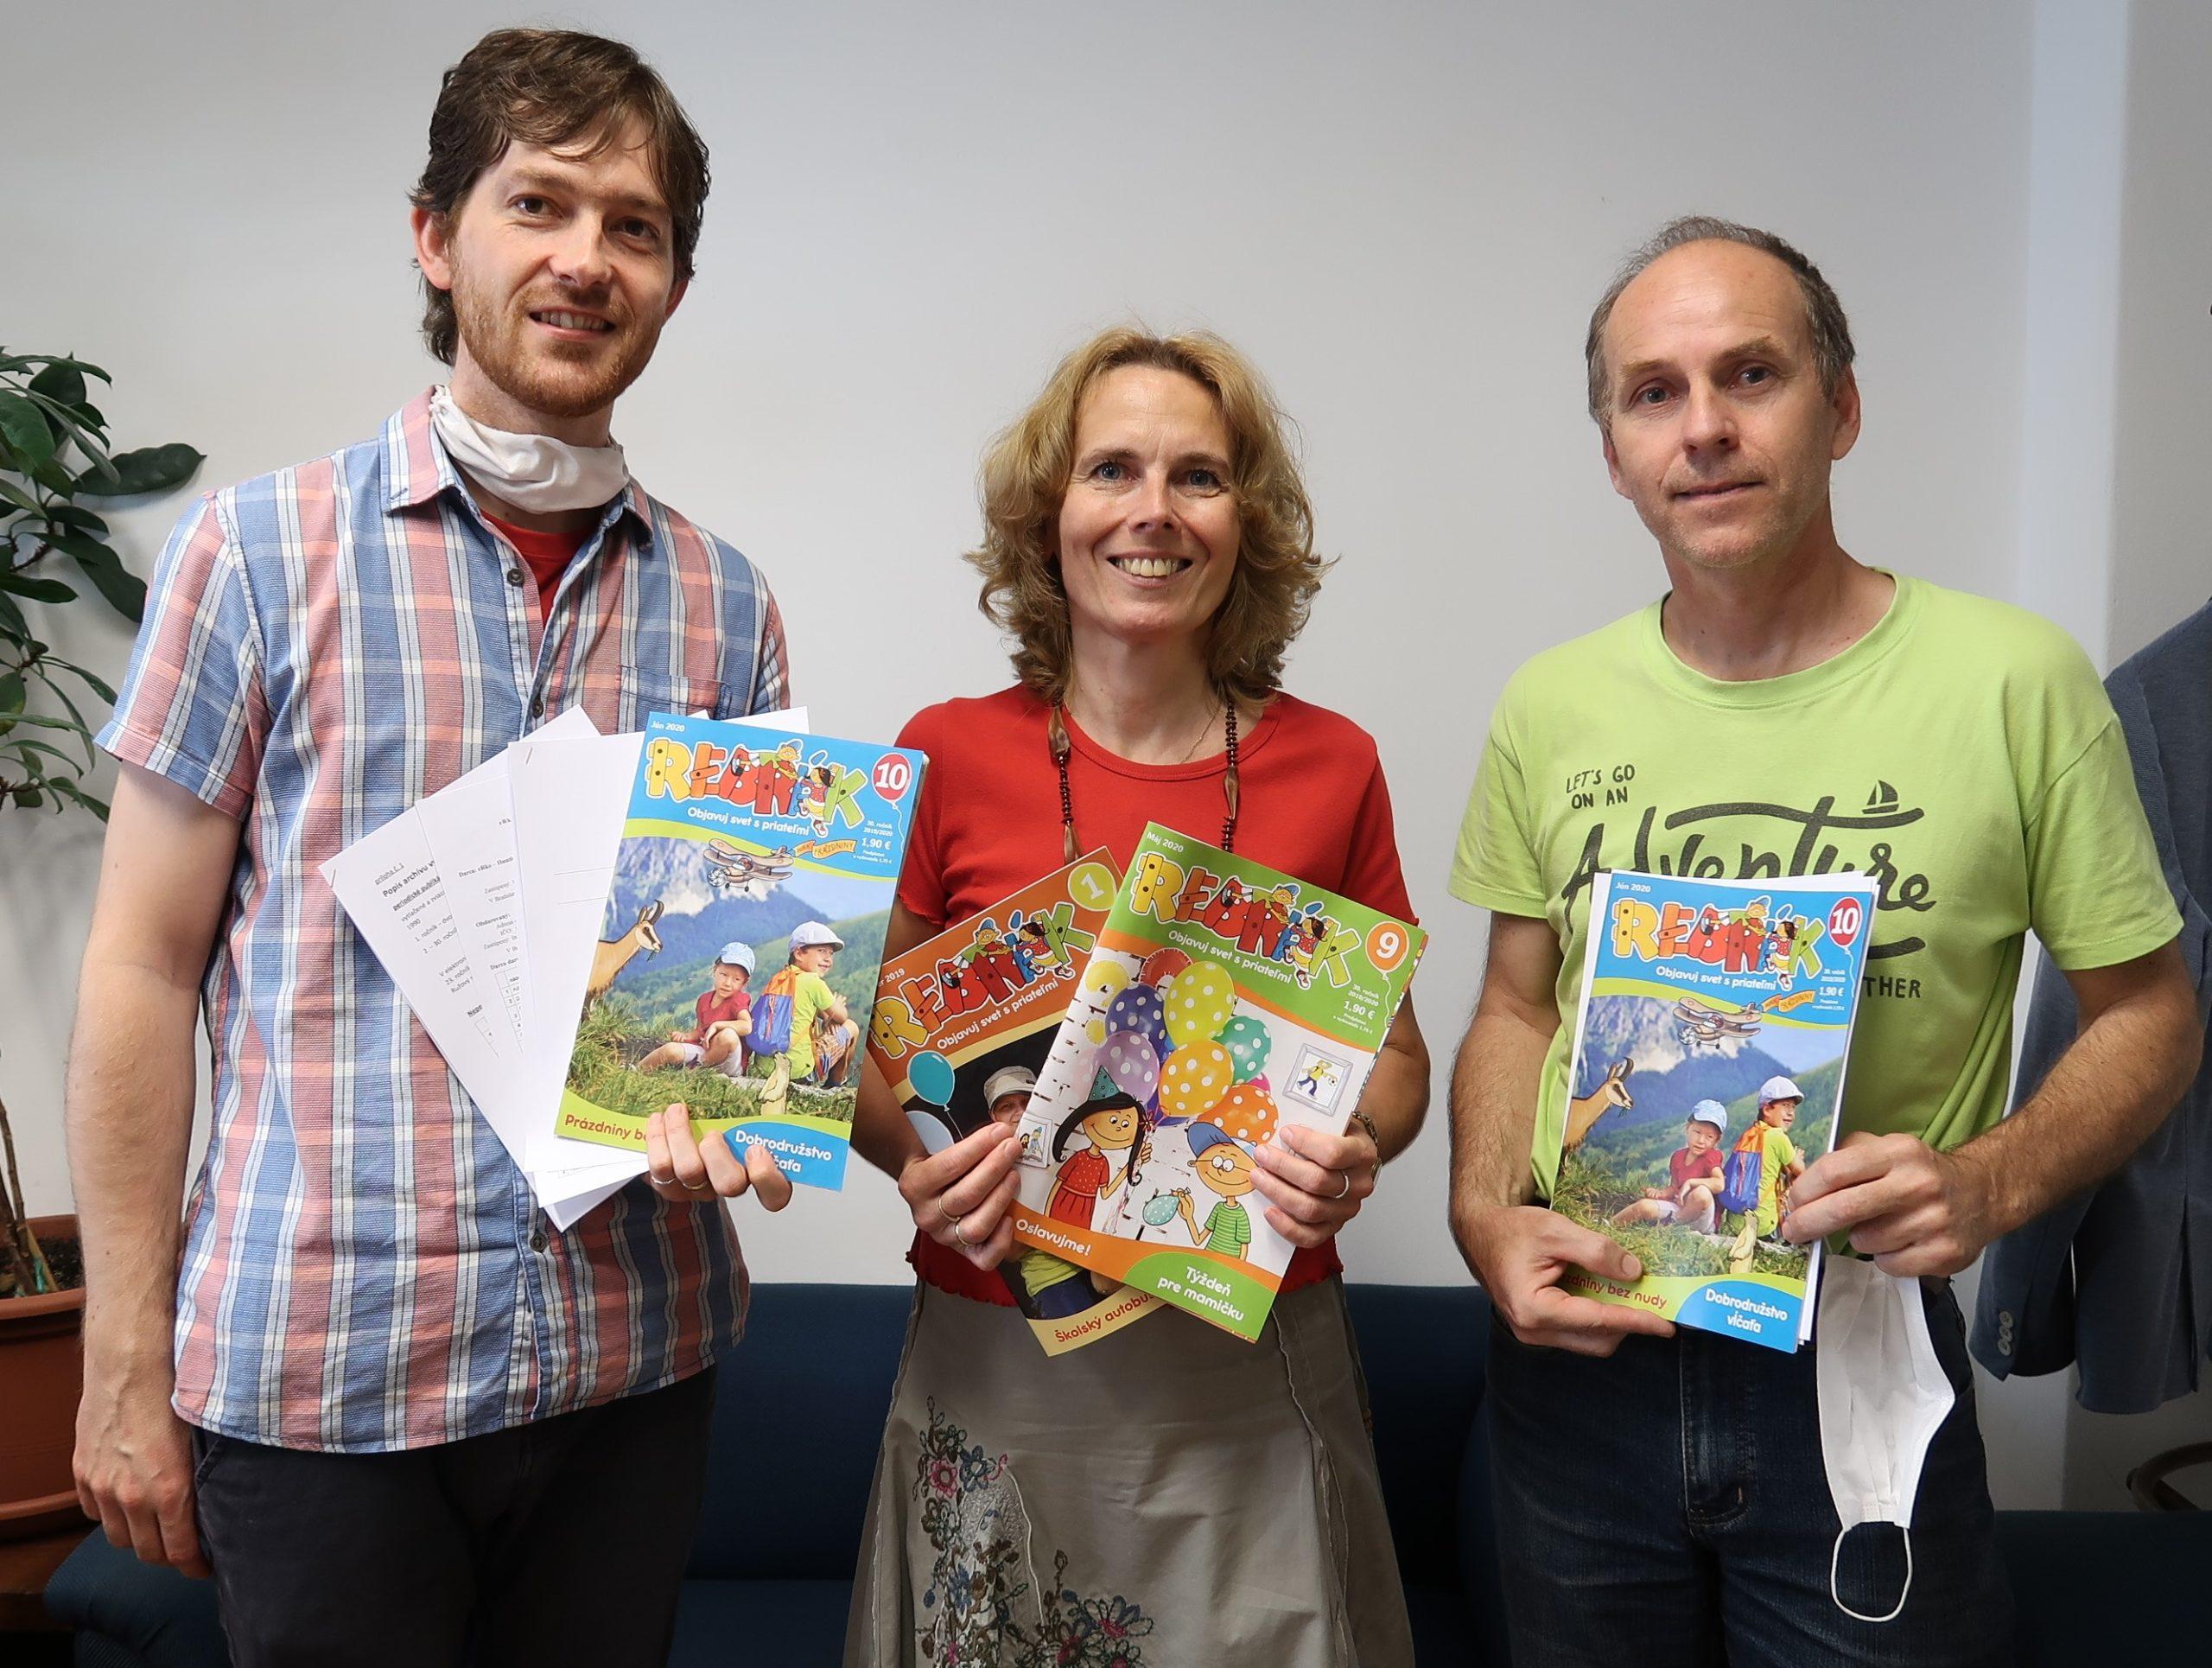 Na deťoch nám záleží, preto spájame sily. Časopis REBRÍK bude mať nového vydavateľa.